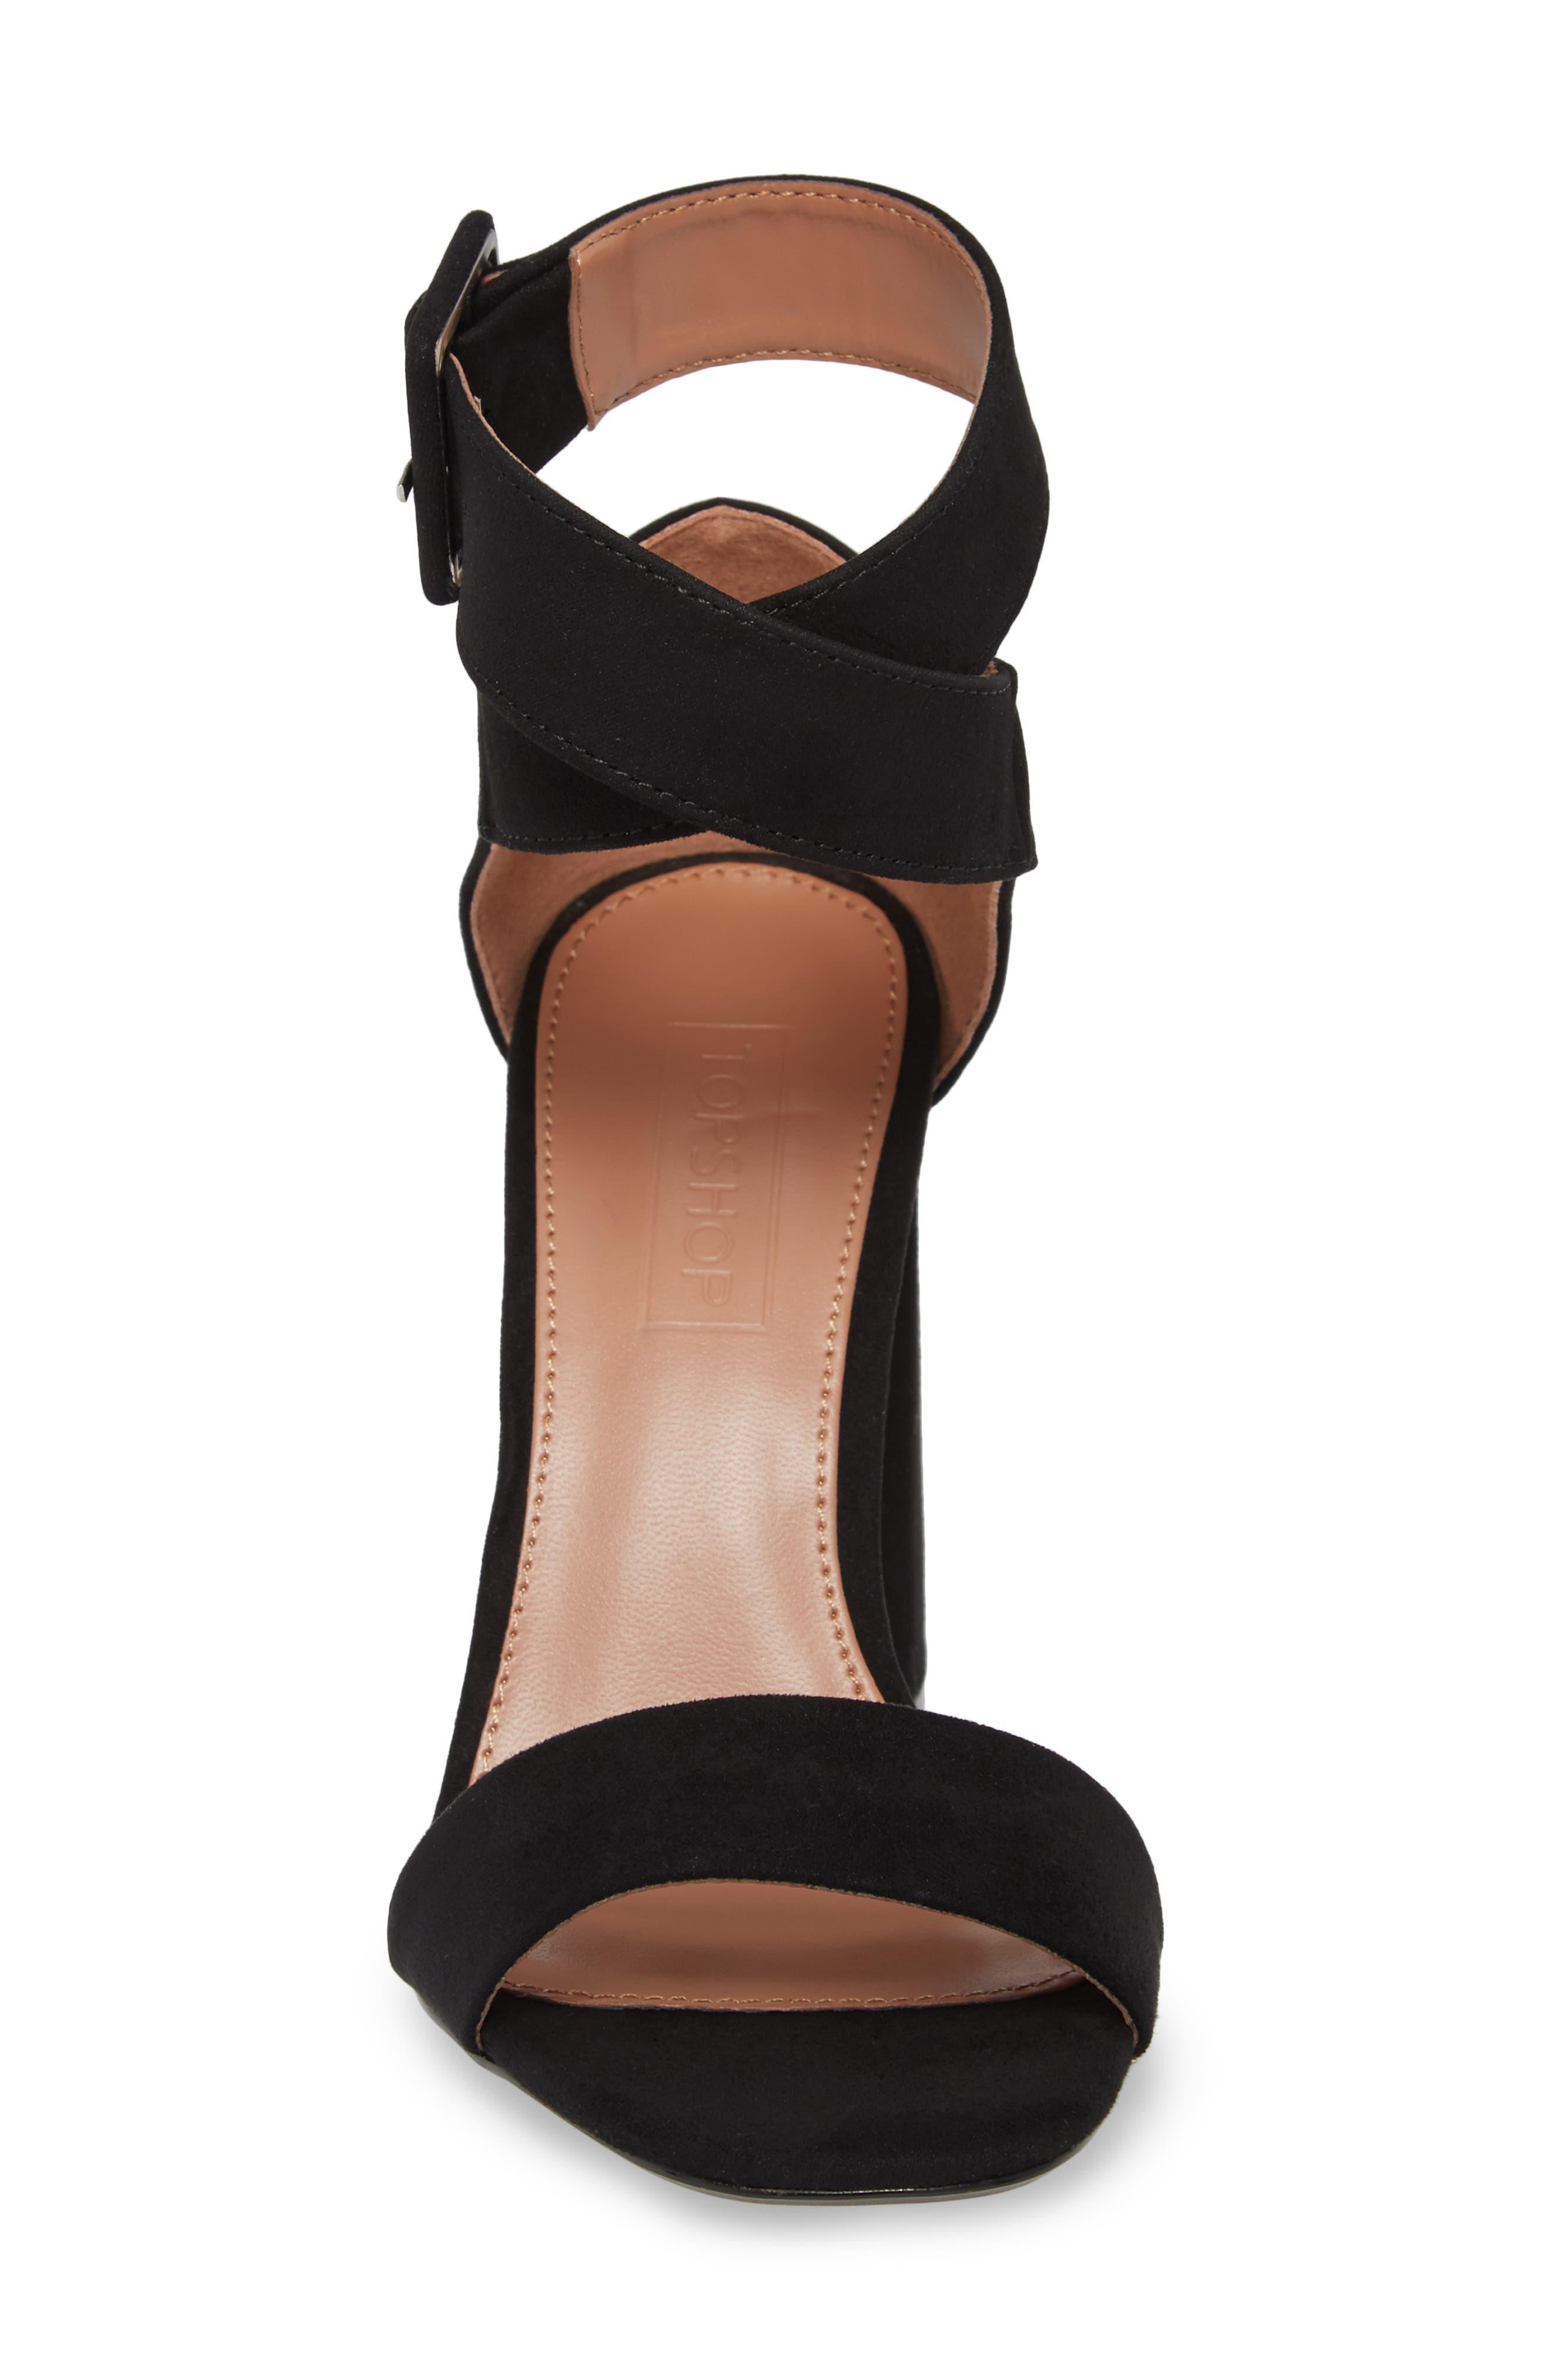 Sinitta Crossover Sandal,                             Alternate thumbnail 4, color,                             Black